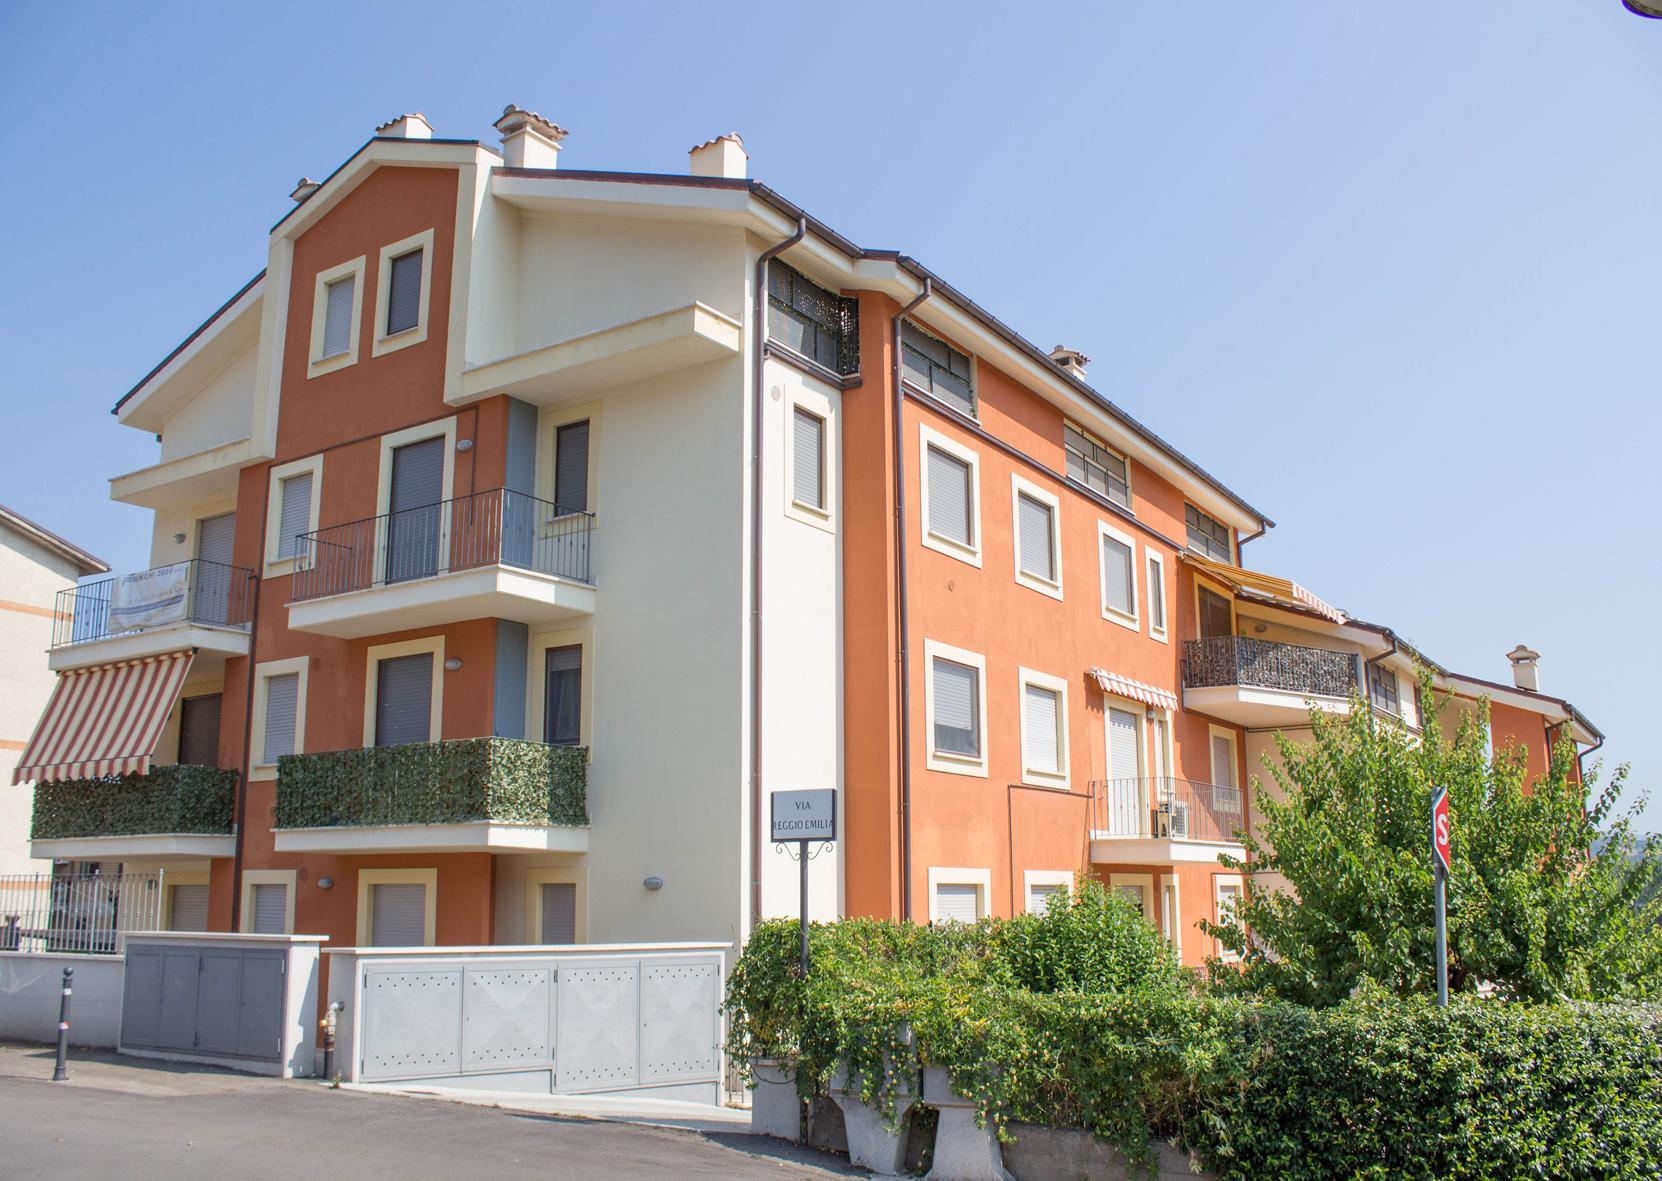 Appartamento in vendita a Orte, 3 locali, zona Località: OrteScalo, prezzo € 139.000 | Cambio Casa.it